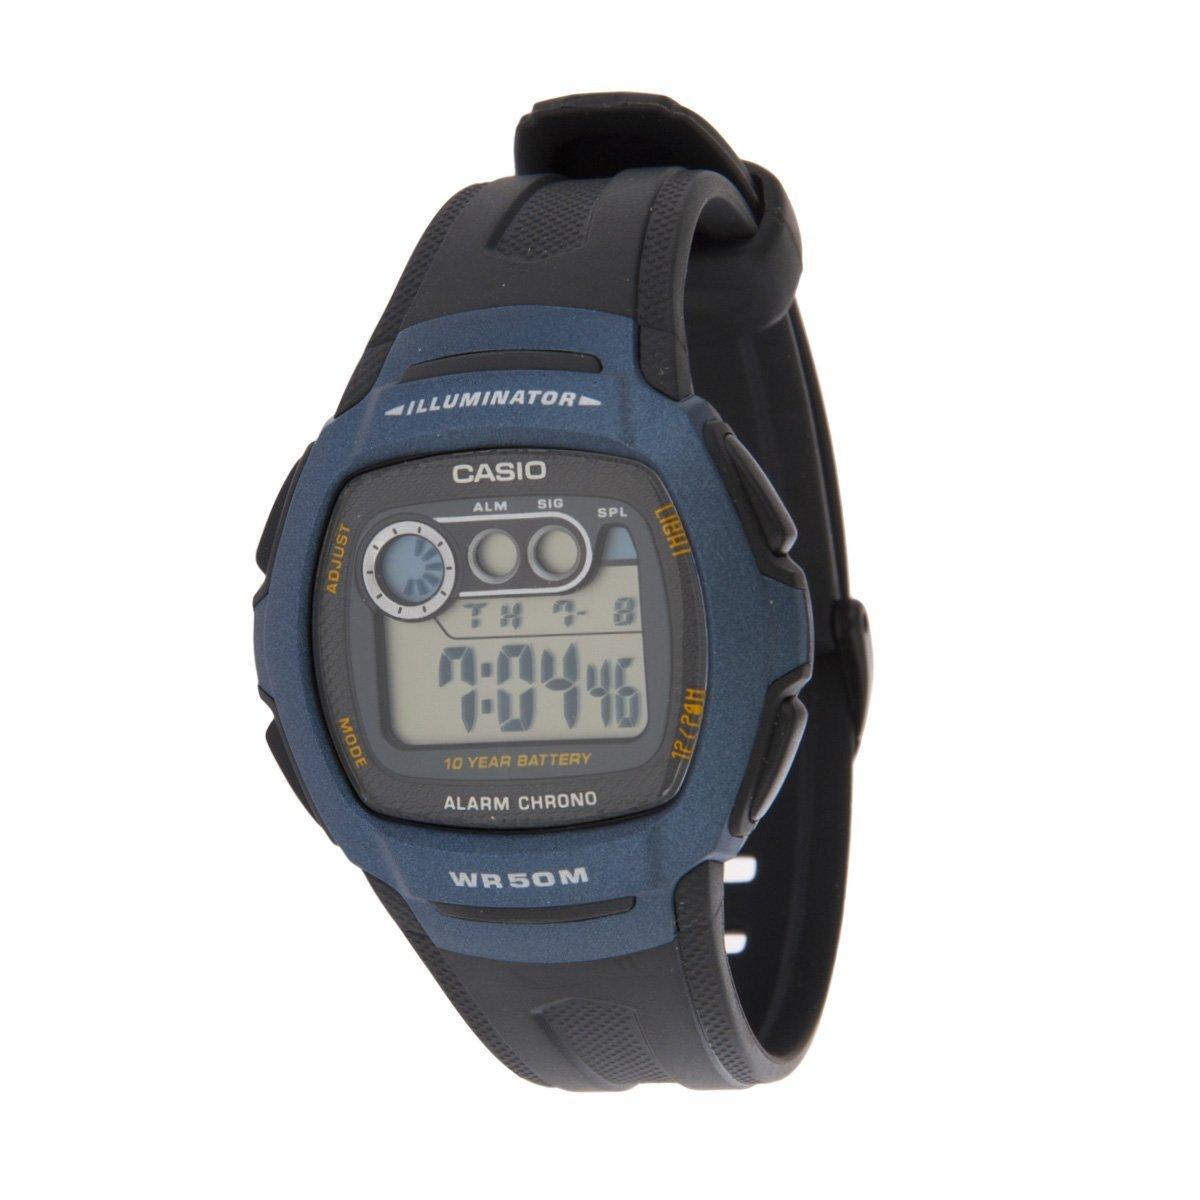 Pánske modro-čierne digitálne hodinky Casio s čiernym pryžovým remienkom  599971a9361